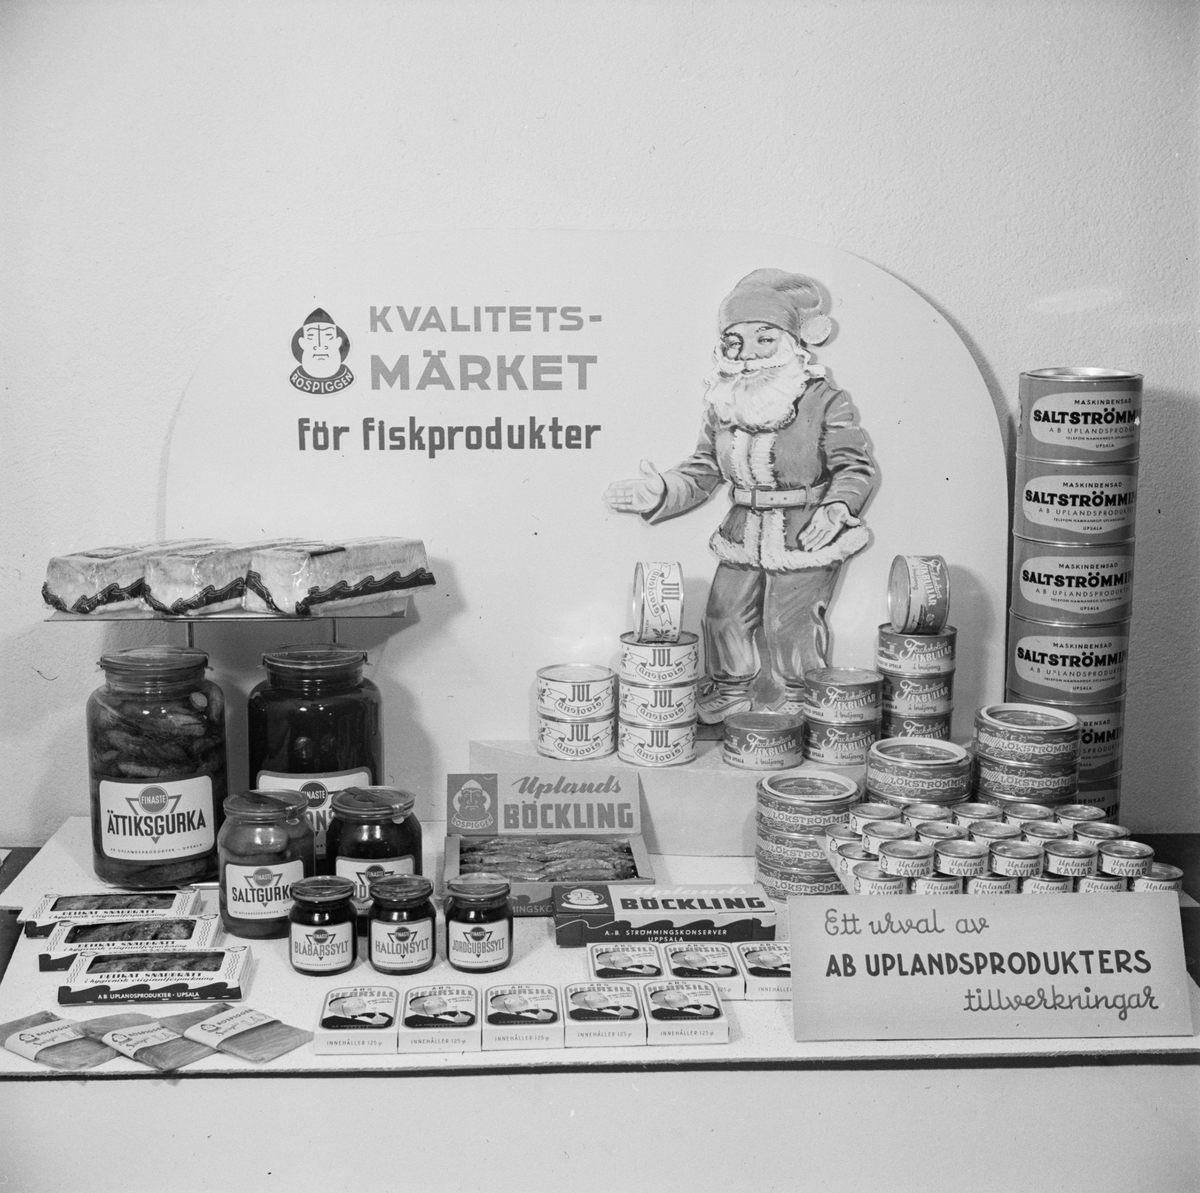 AB Uplandsprodukter, julskyltning, Uppsala december 1946